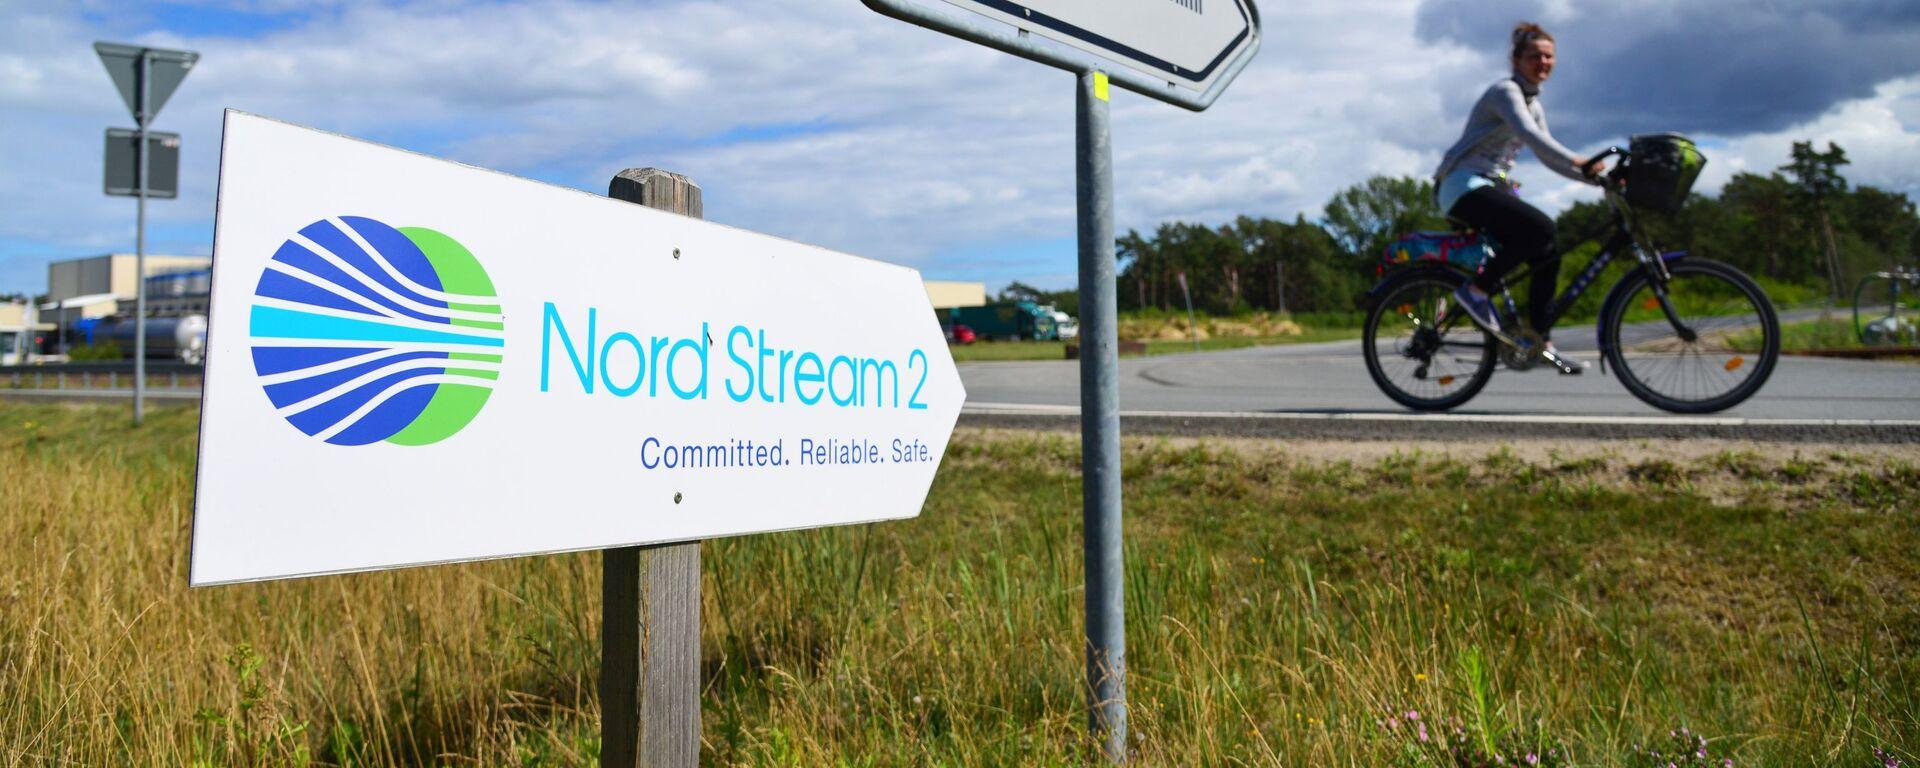 Una señal de Nord Stream 2 en Alemania - Sputnik Mundo, 1920, 21.07.2021